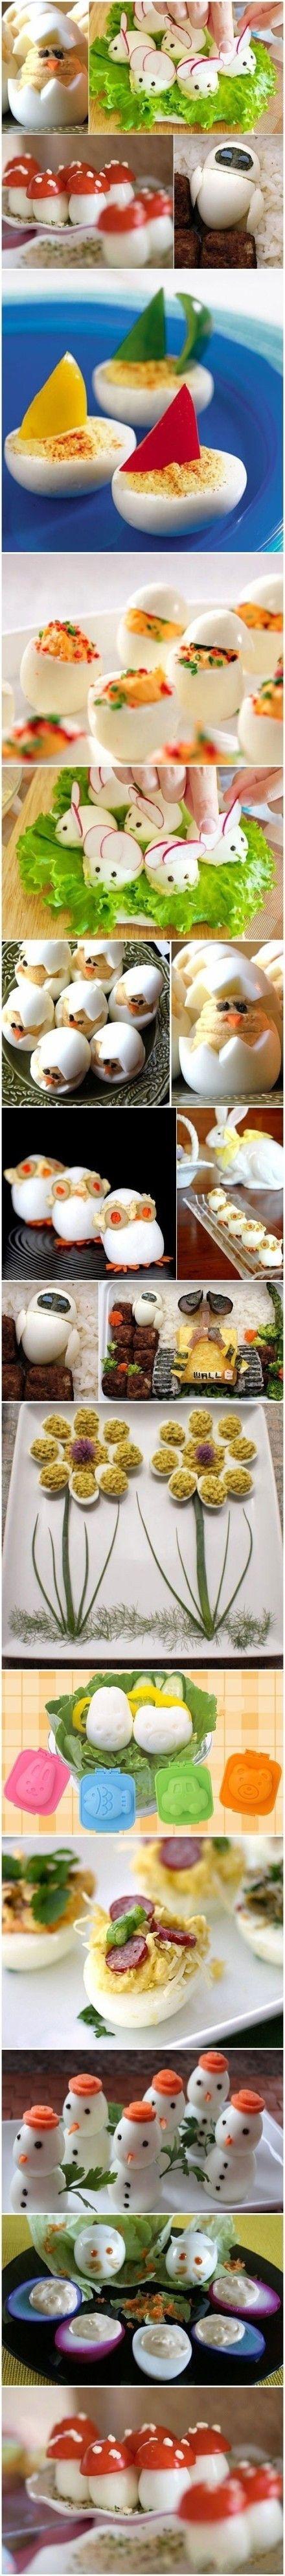 Eve hardboiled egg. MrB LOVES anything Wall-E